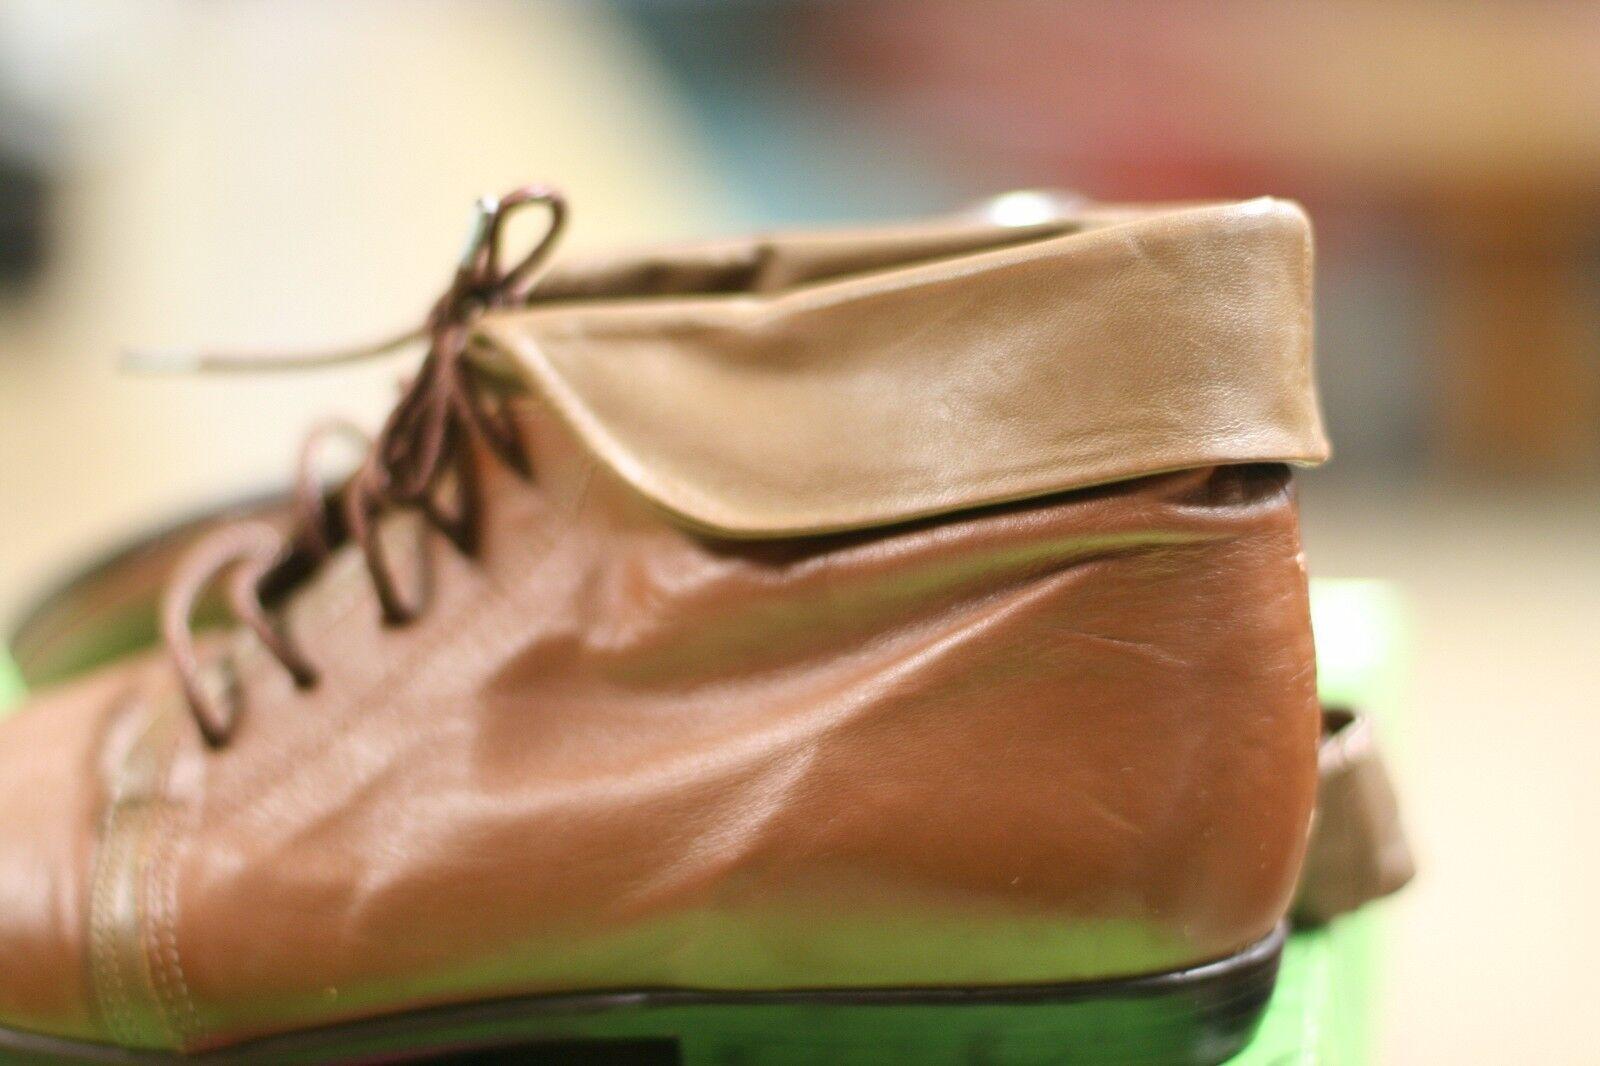 NINE WEST damen FOOTWEAR FOOTWEAR FOOTWEAR Größe 7M braun Farbe LEATHER TOP WITH RUBBER SOLE 6c84e8